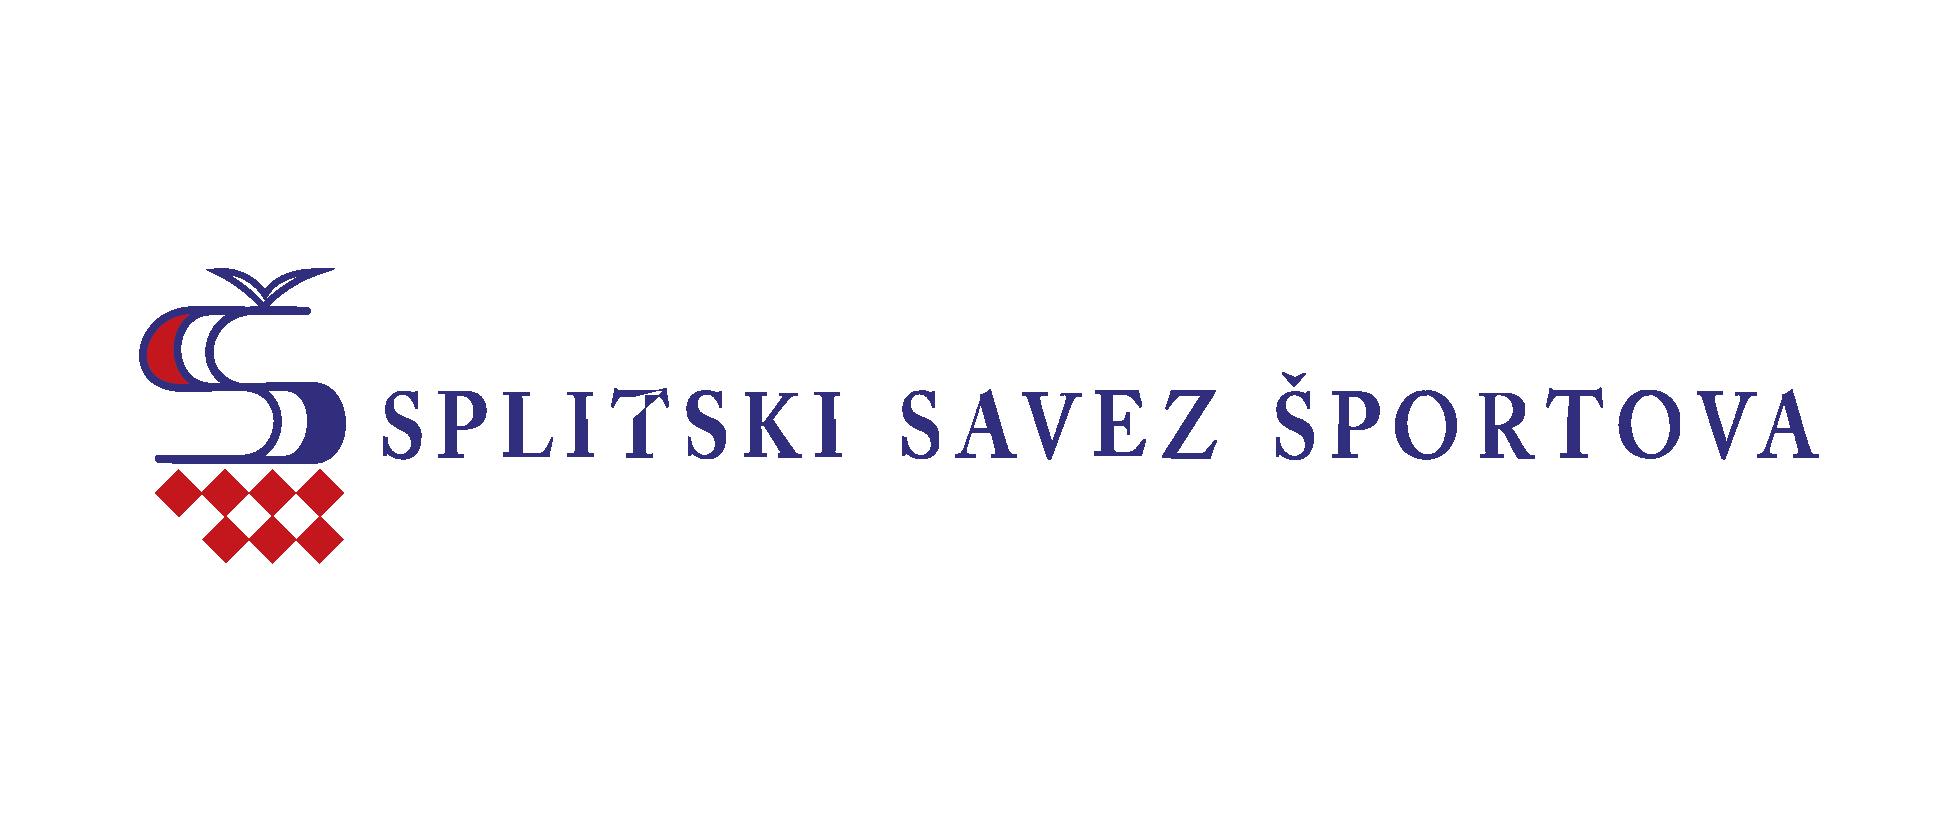 STM21_SPONZORI_CMYK_0002_19